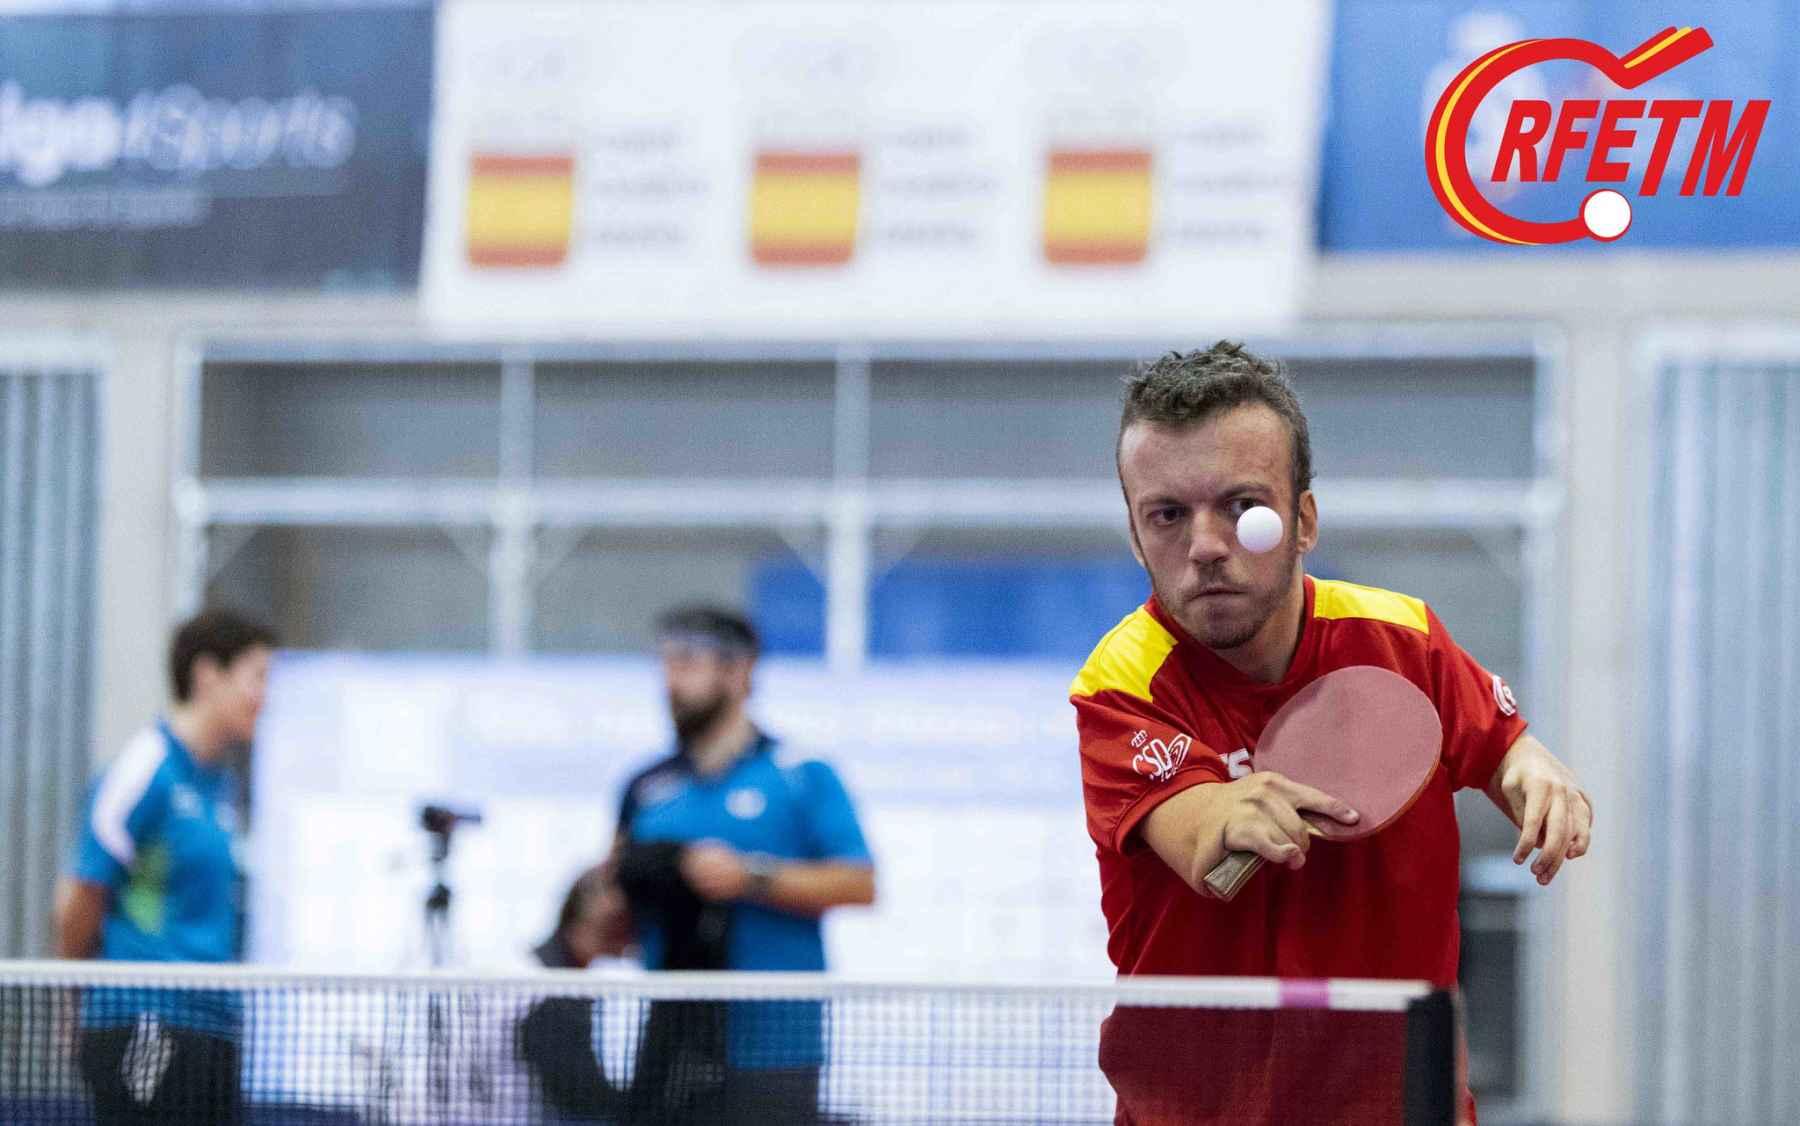 Alberto Seoane participando en un torneo internacional en España (Foto: Alvaro Diaz)